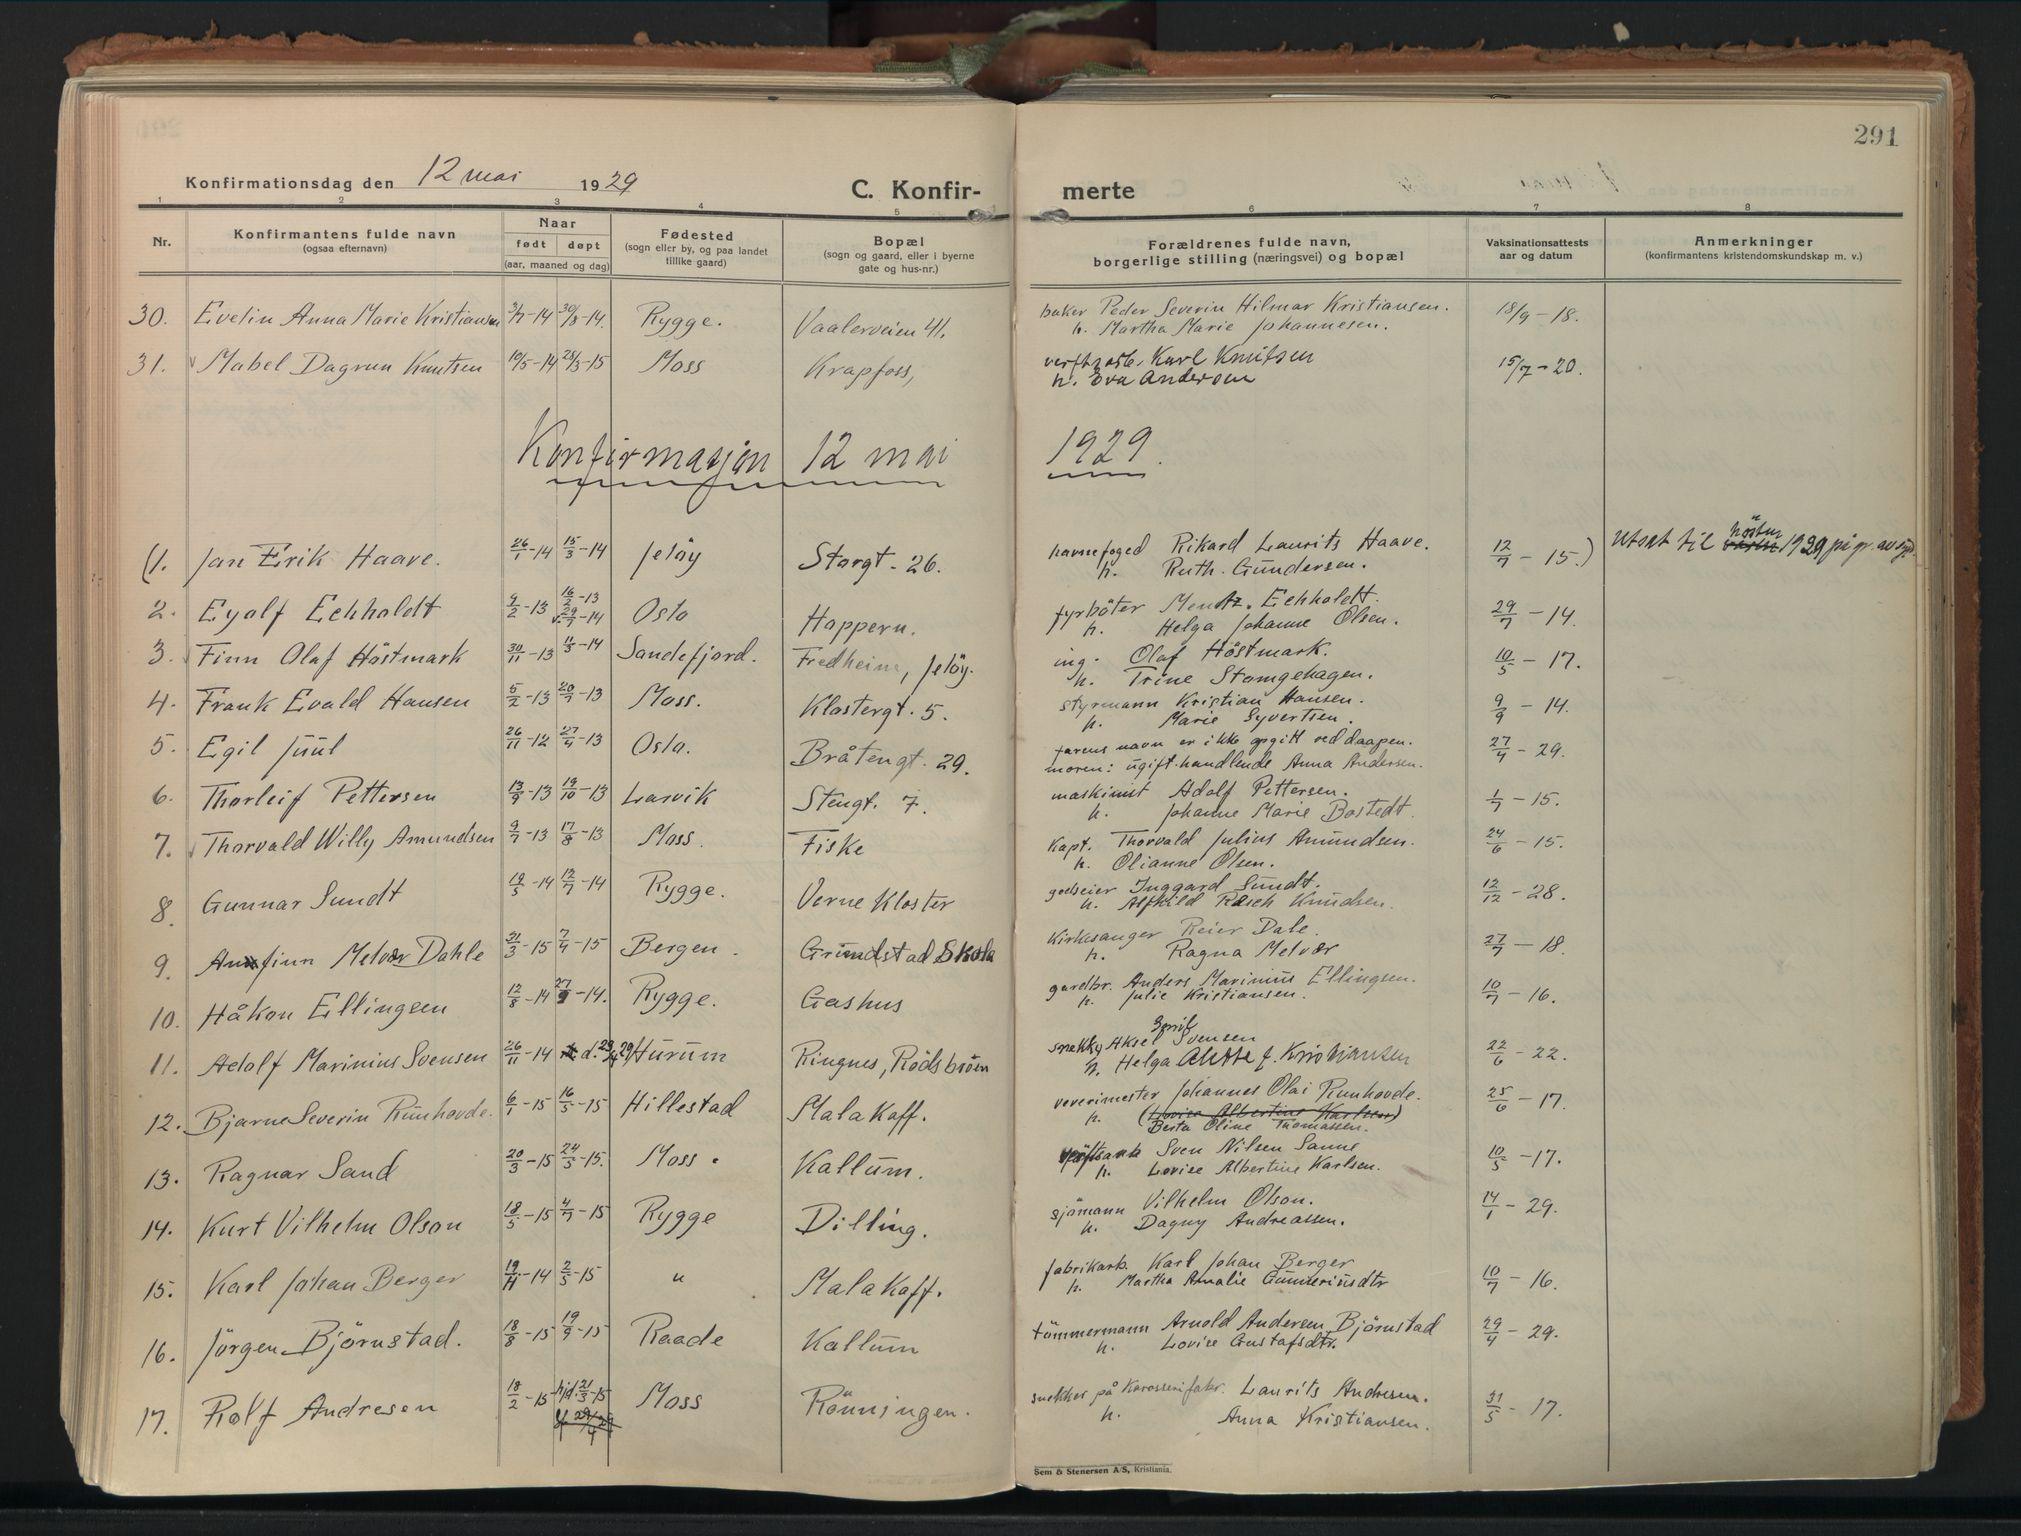 SAO, Moss prestekontor Kirkebøker, F/Fb/Fab/L0006: Ministerialbok nr. II 6, 1924-1932, s. 291